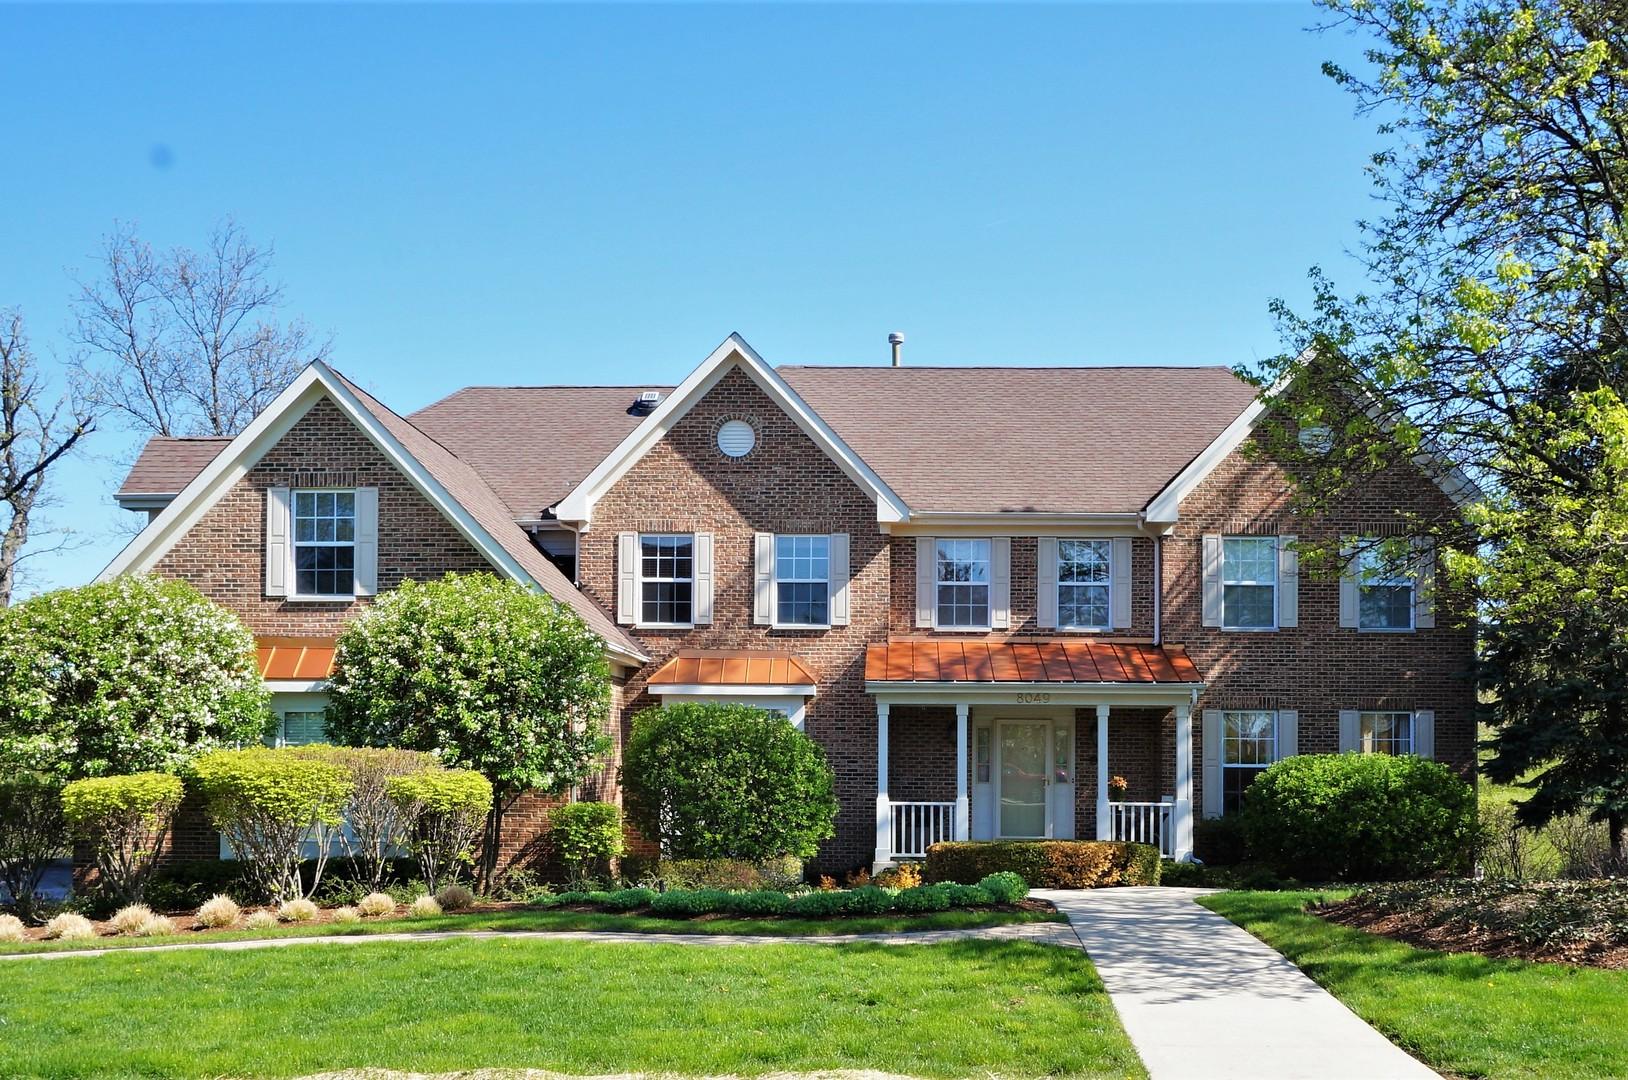 8049 Breckenridge Drive, Long Grove, Illinois 60047